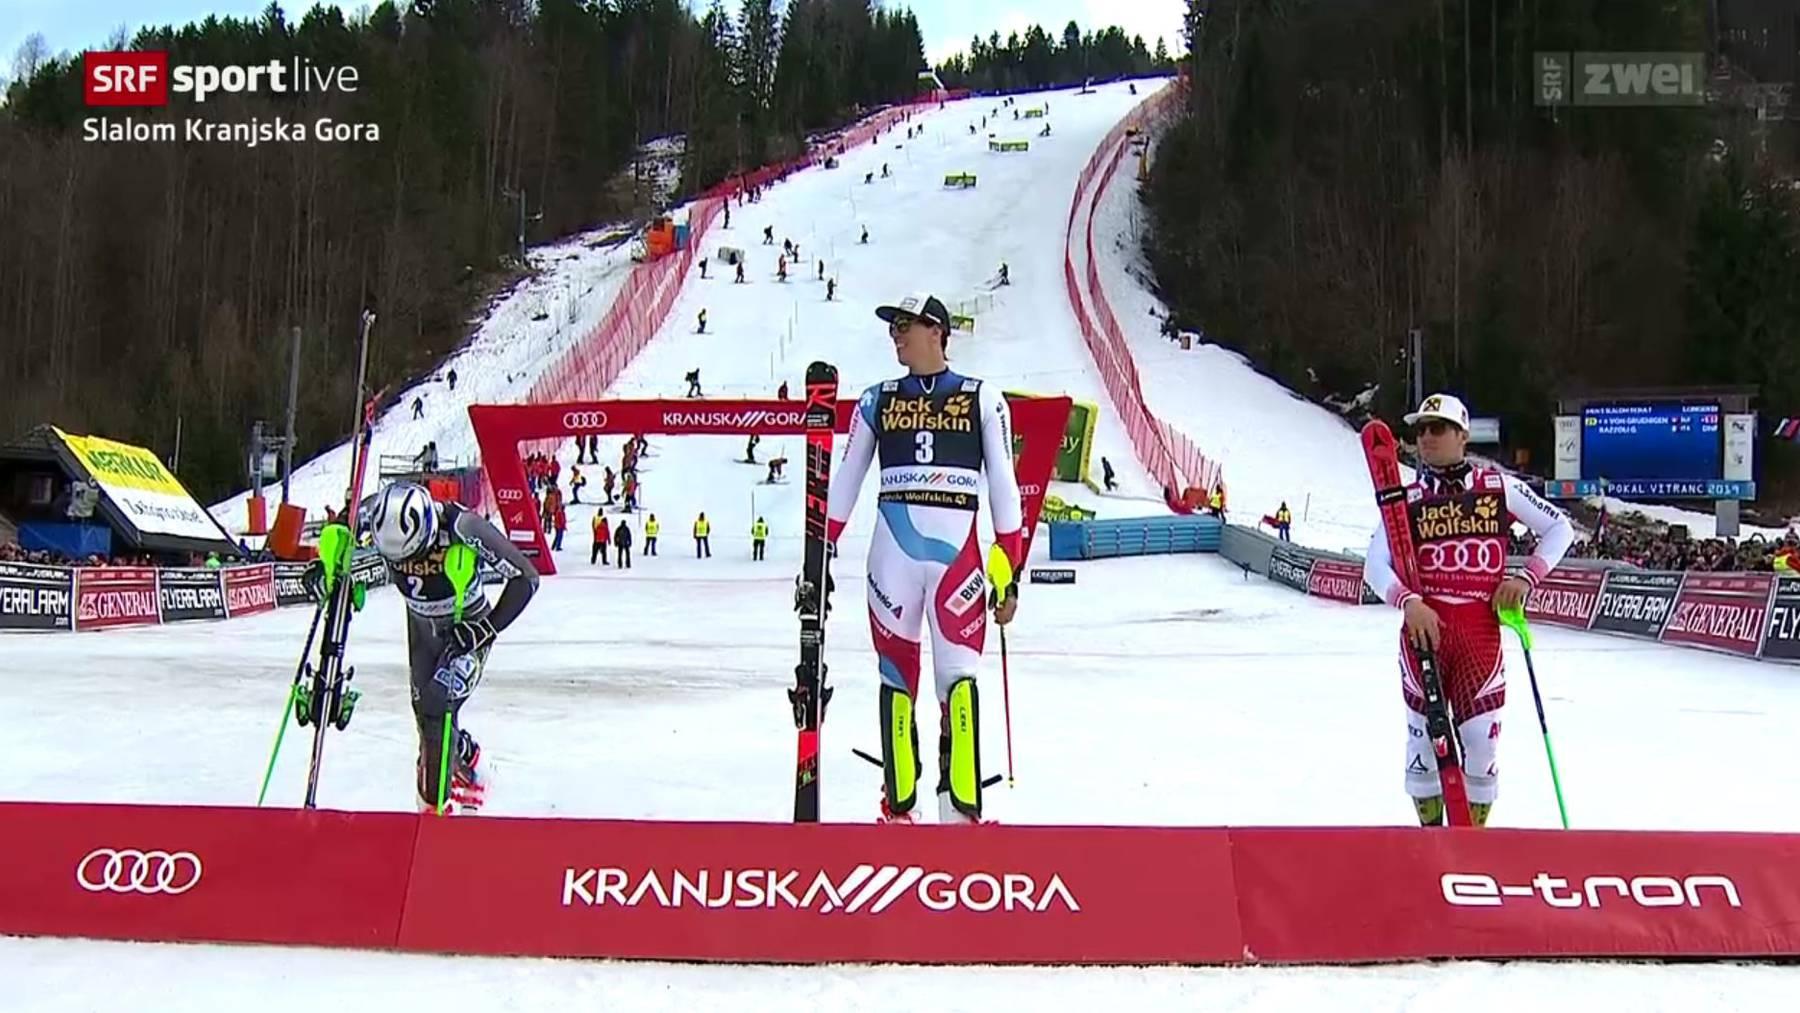 Zenhäusern gewinnt ersten Weltcup-Slalom